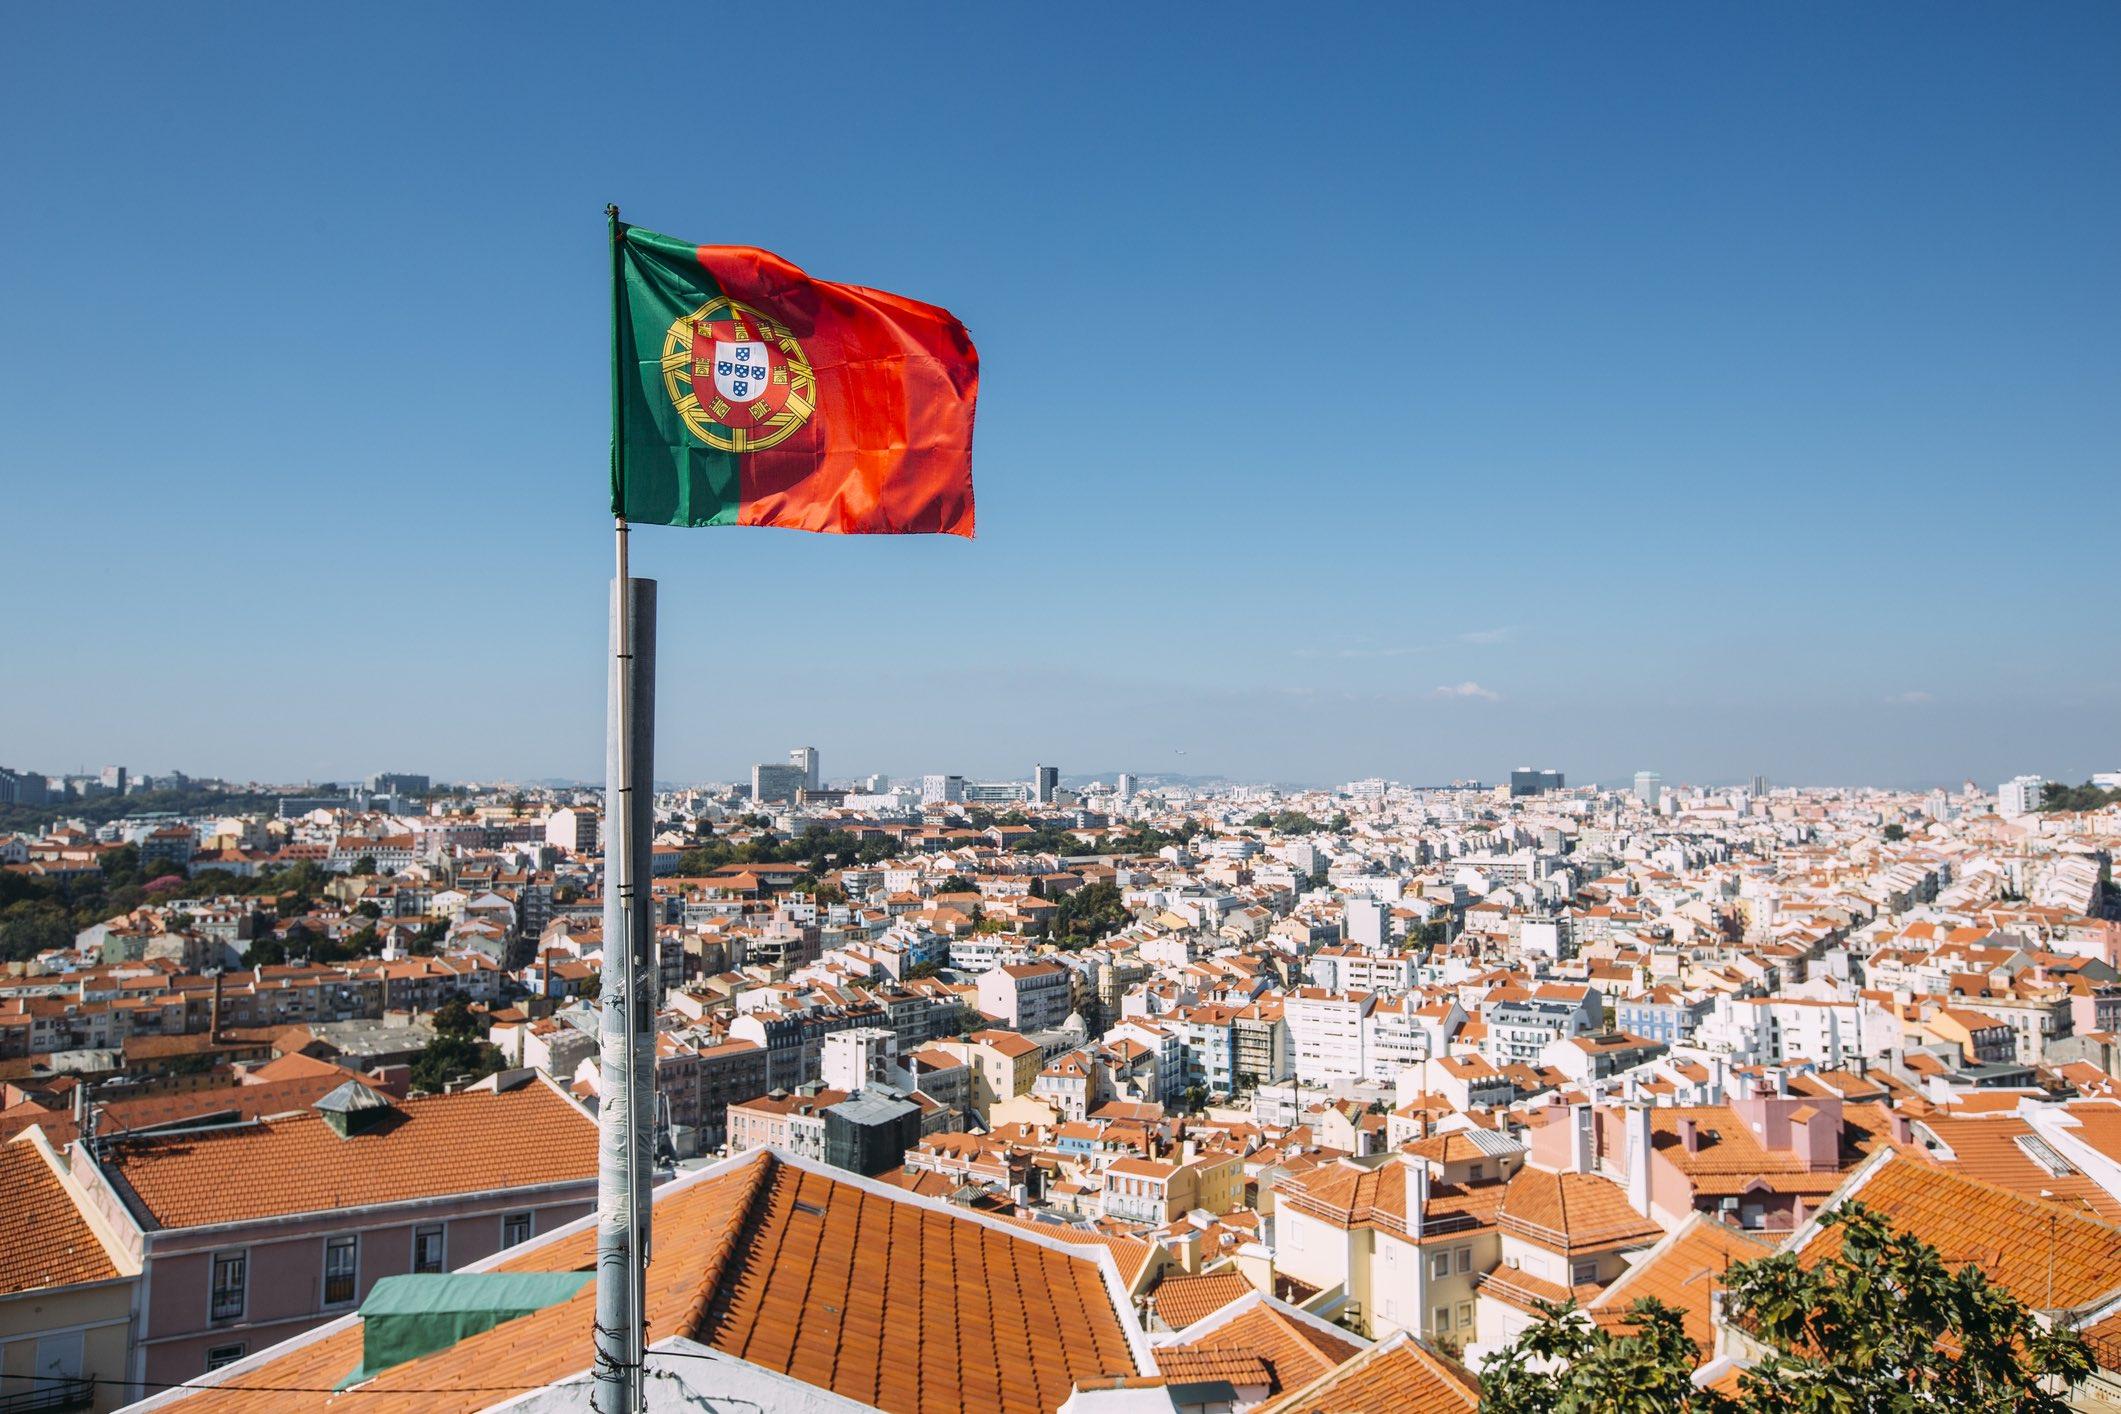 Kết quả hình ảnh cho portugal